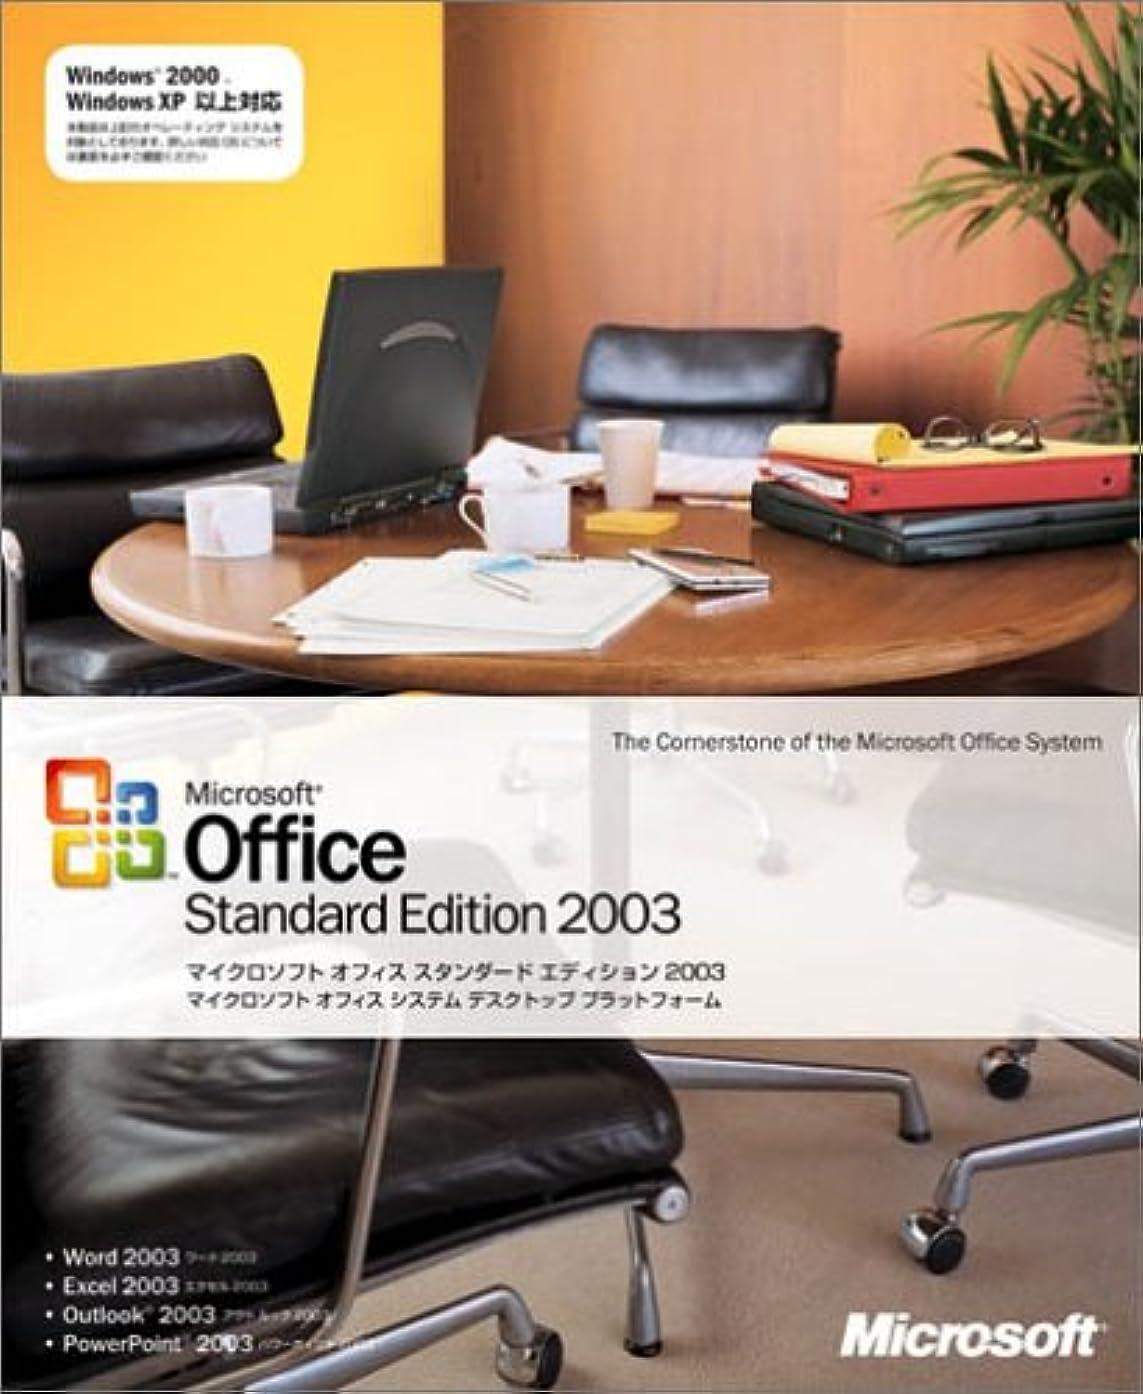 補正信頼できるテキスト【旧商品/サポート終了】Microsoft Office Standard Edition 2003